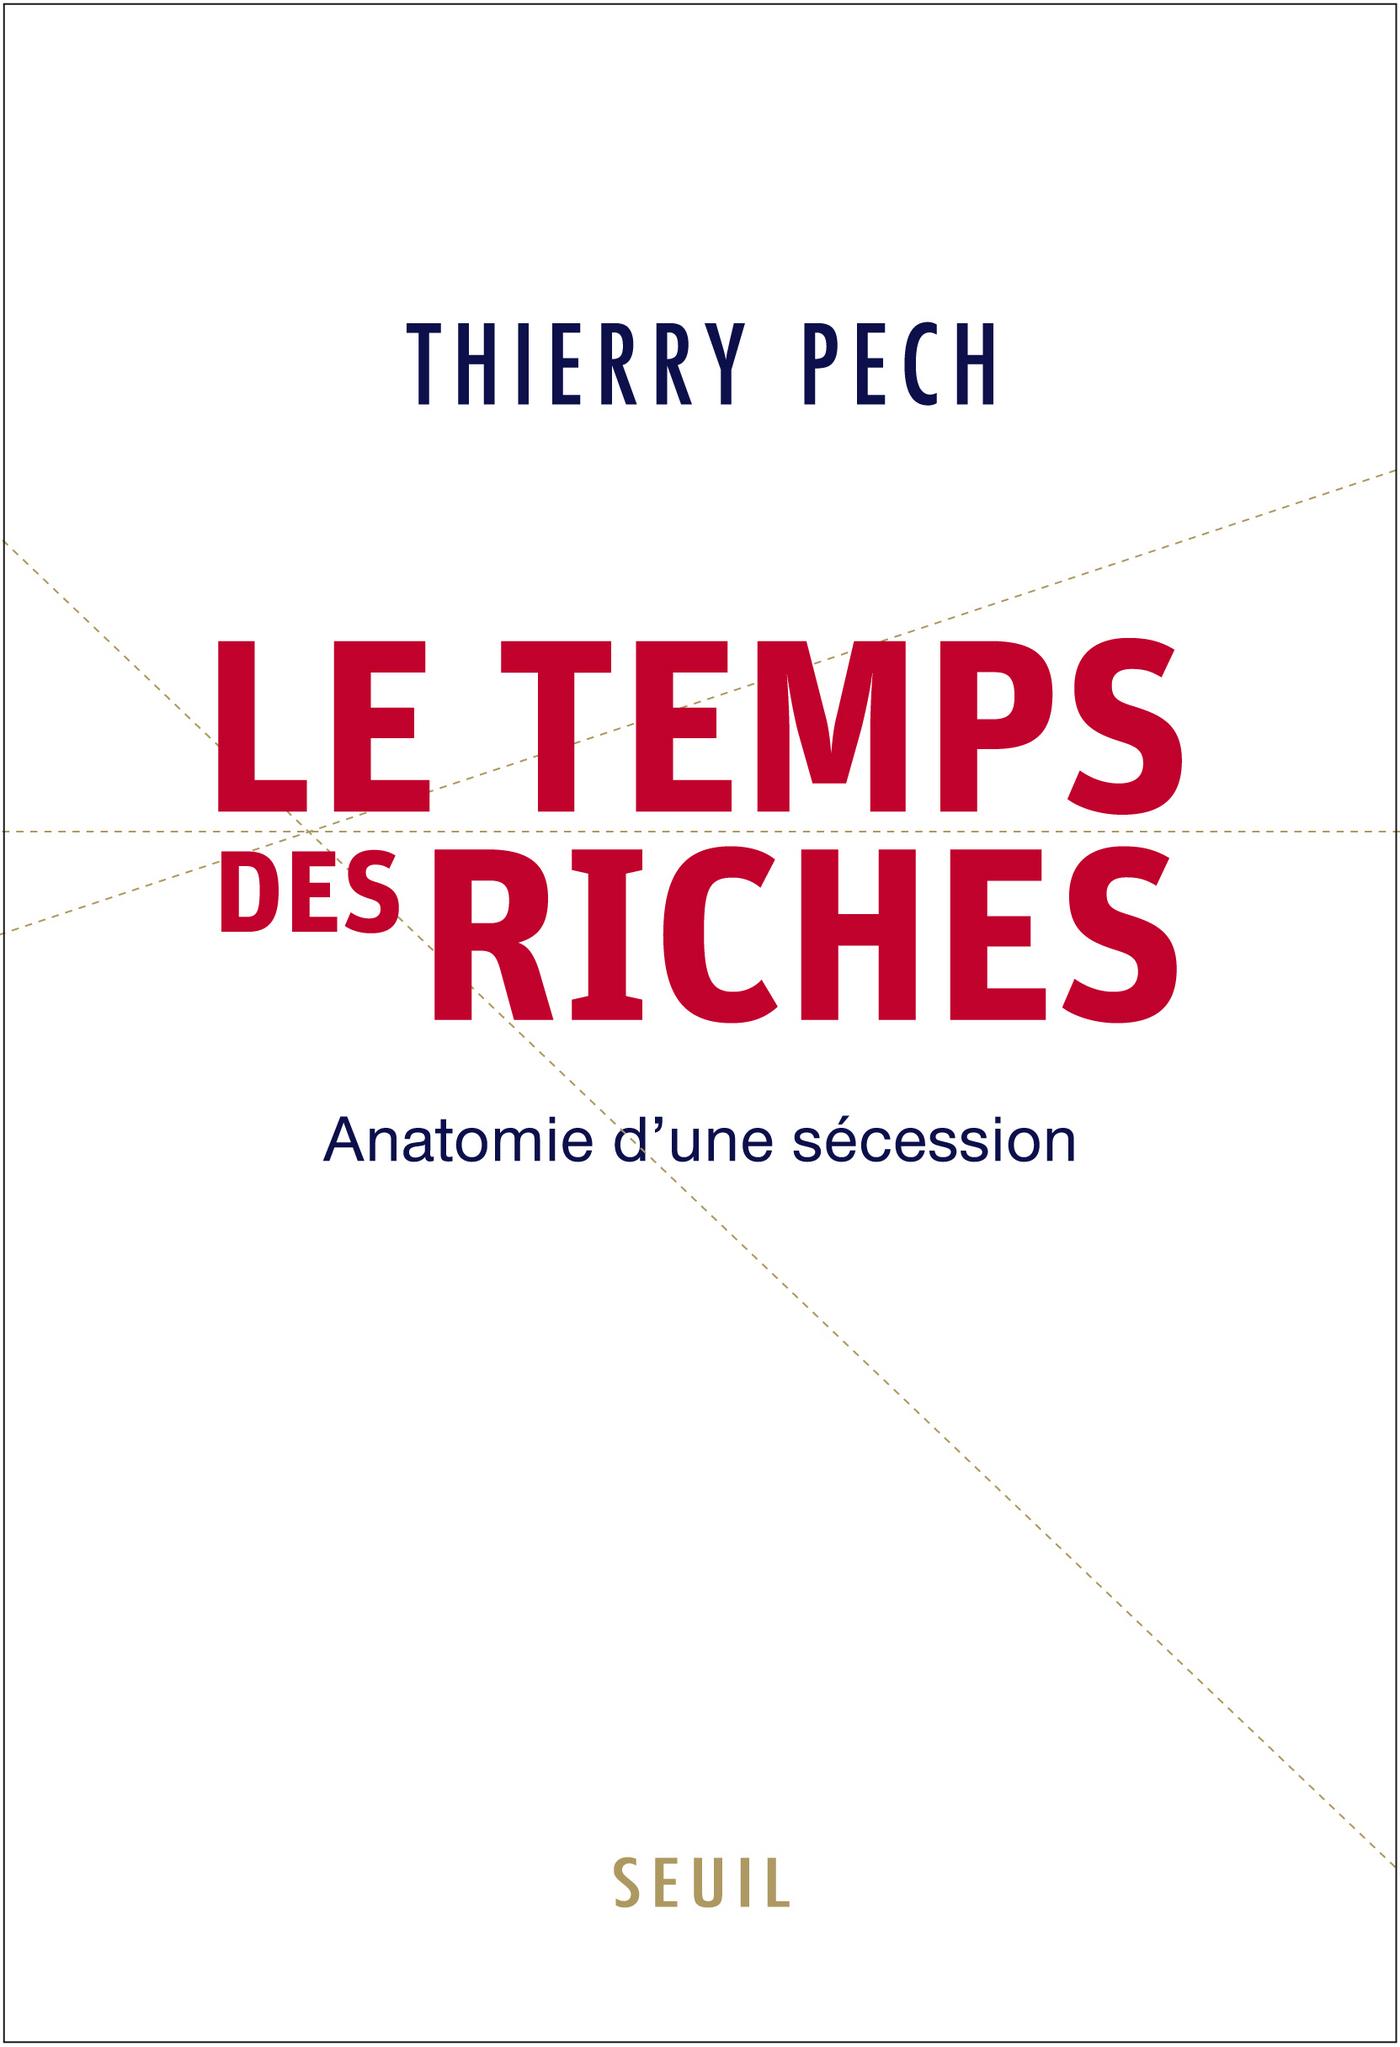 Le Temps des riches. Anatomie d'une sécession